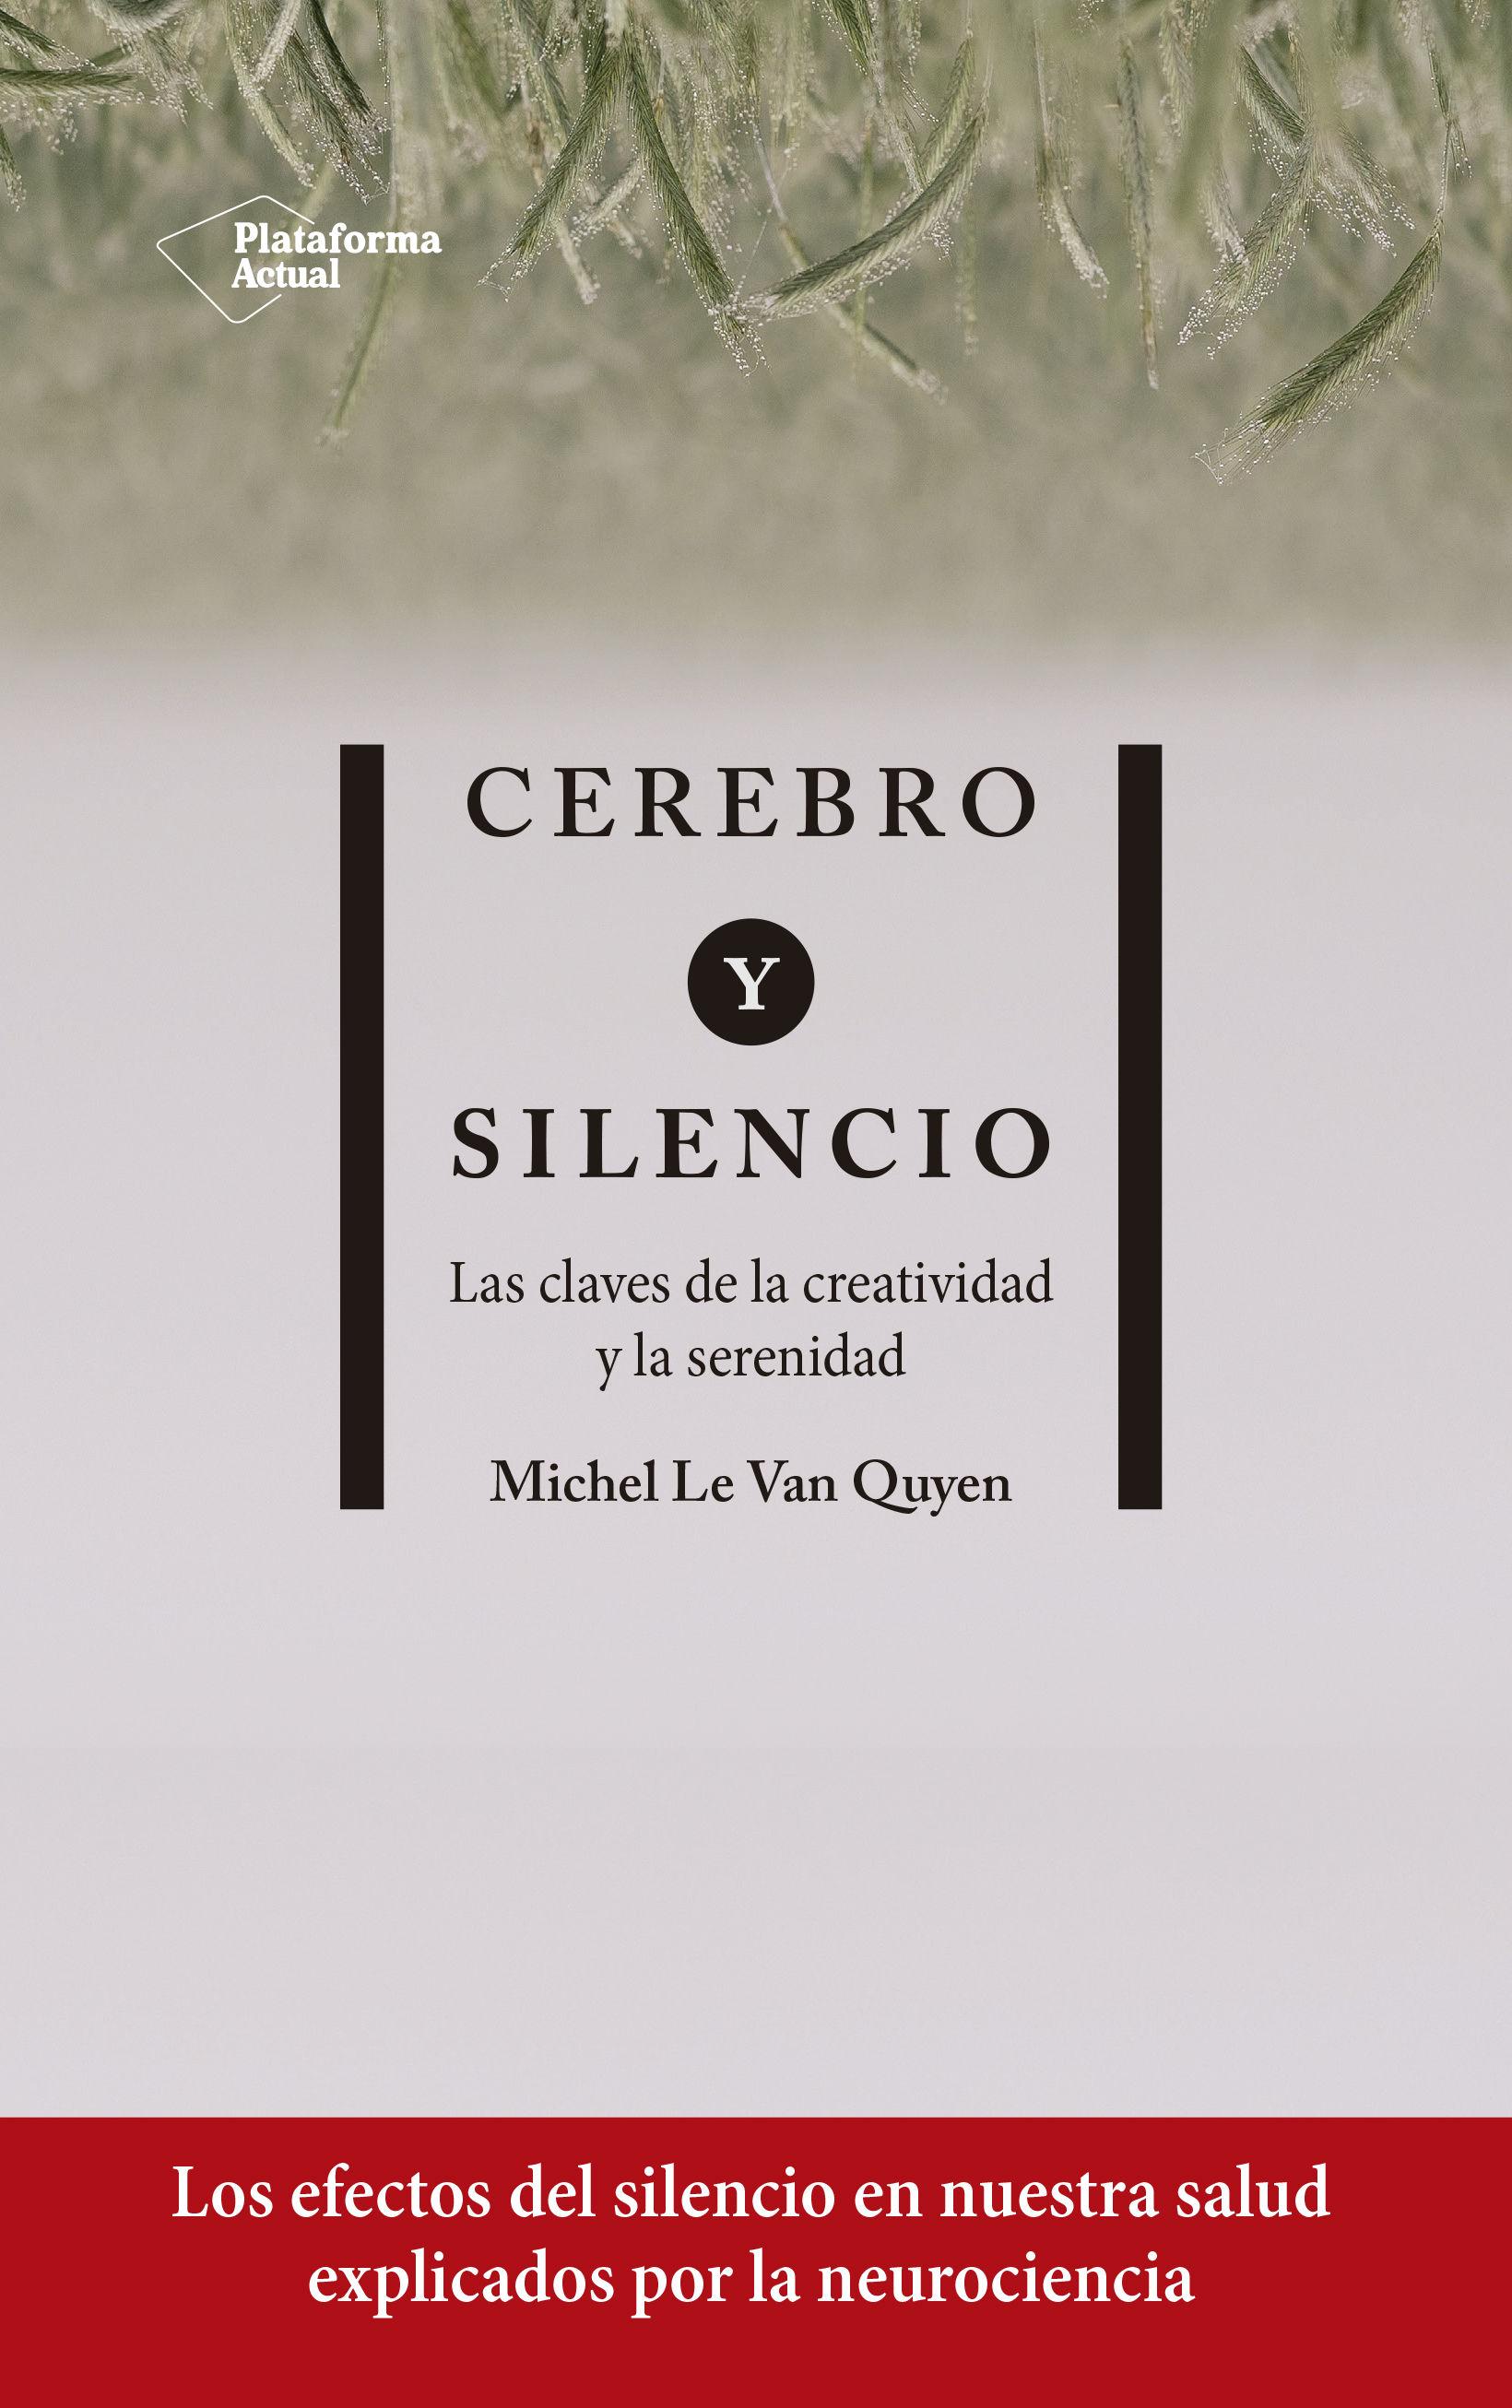 CEREBRO Y SILENCIO